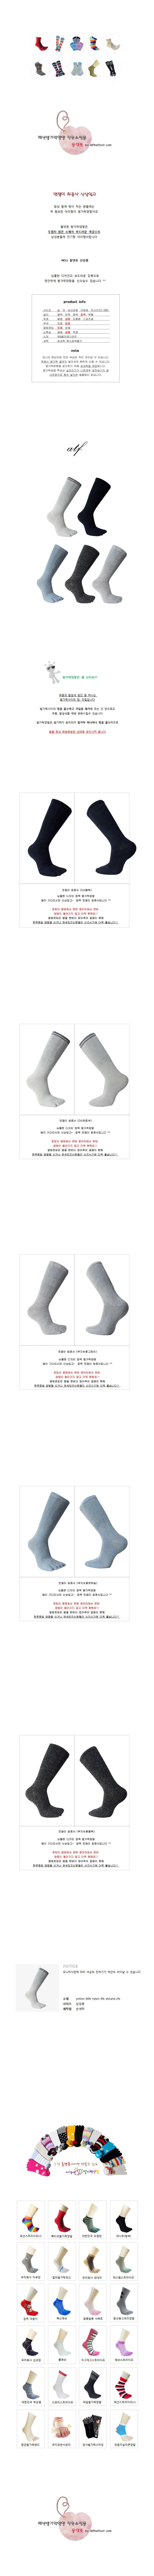 멋쟁이최중사 - 올댓풋, 3,600원, 남성양말, 패션양말